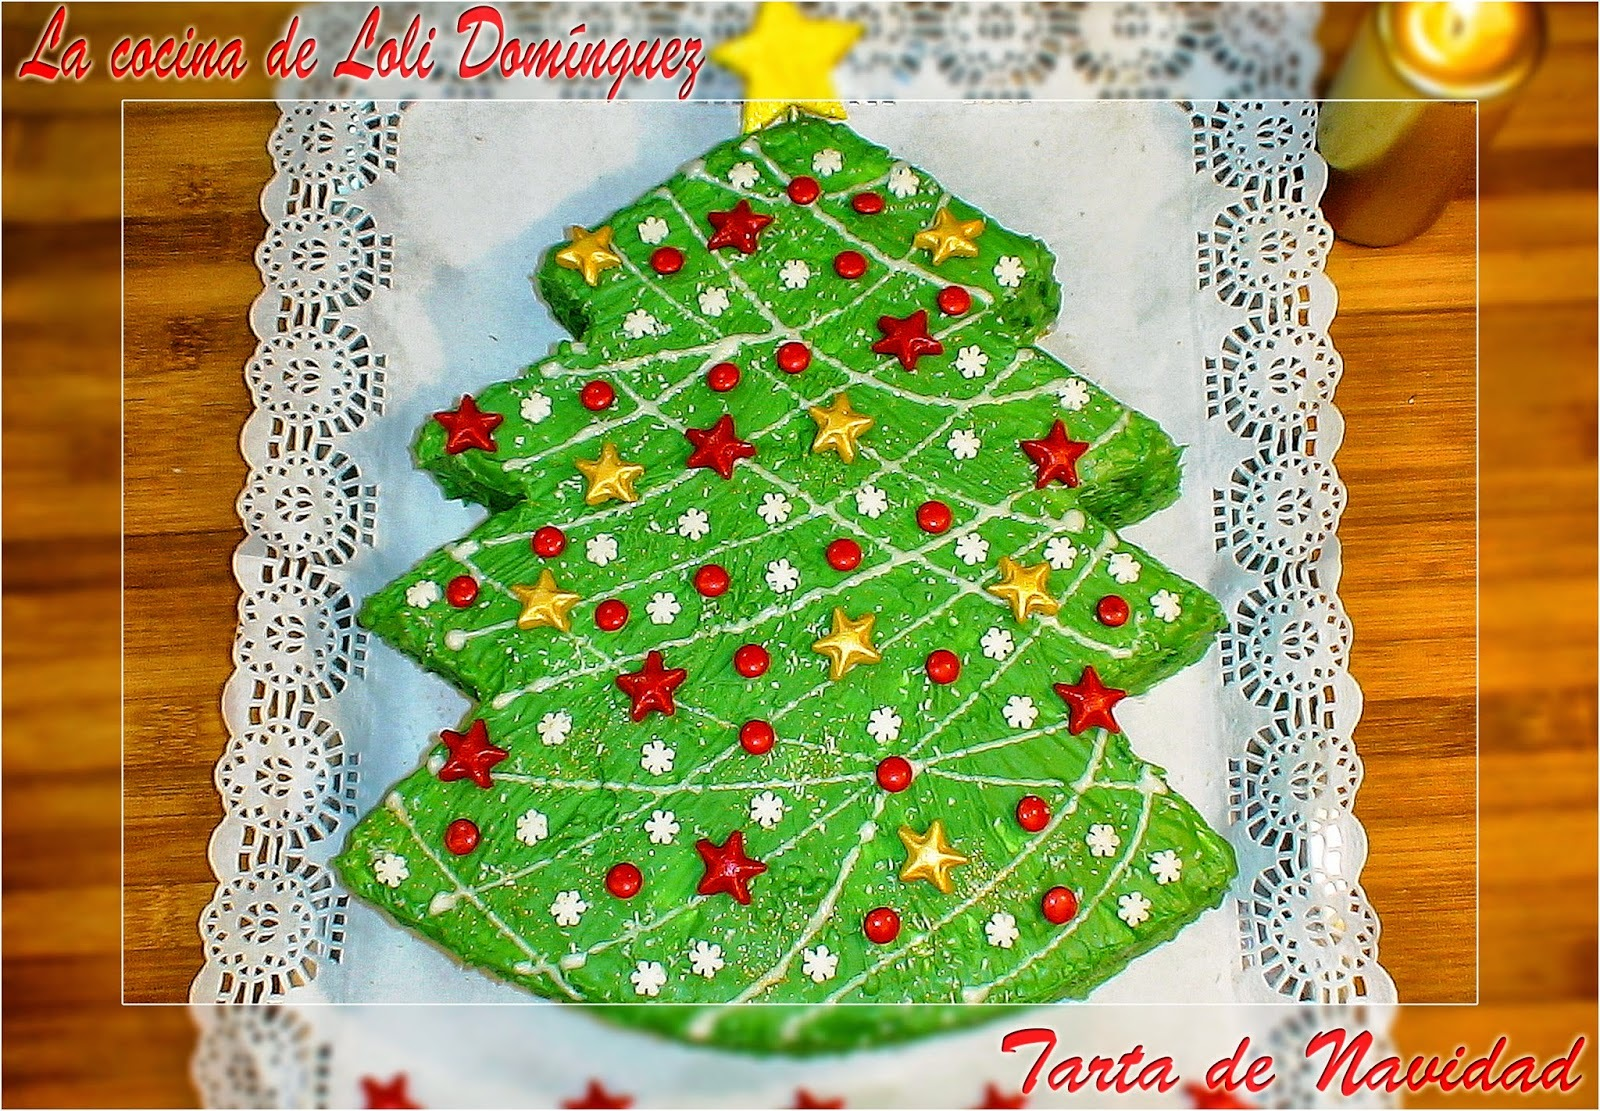 Tarta de Navidad